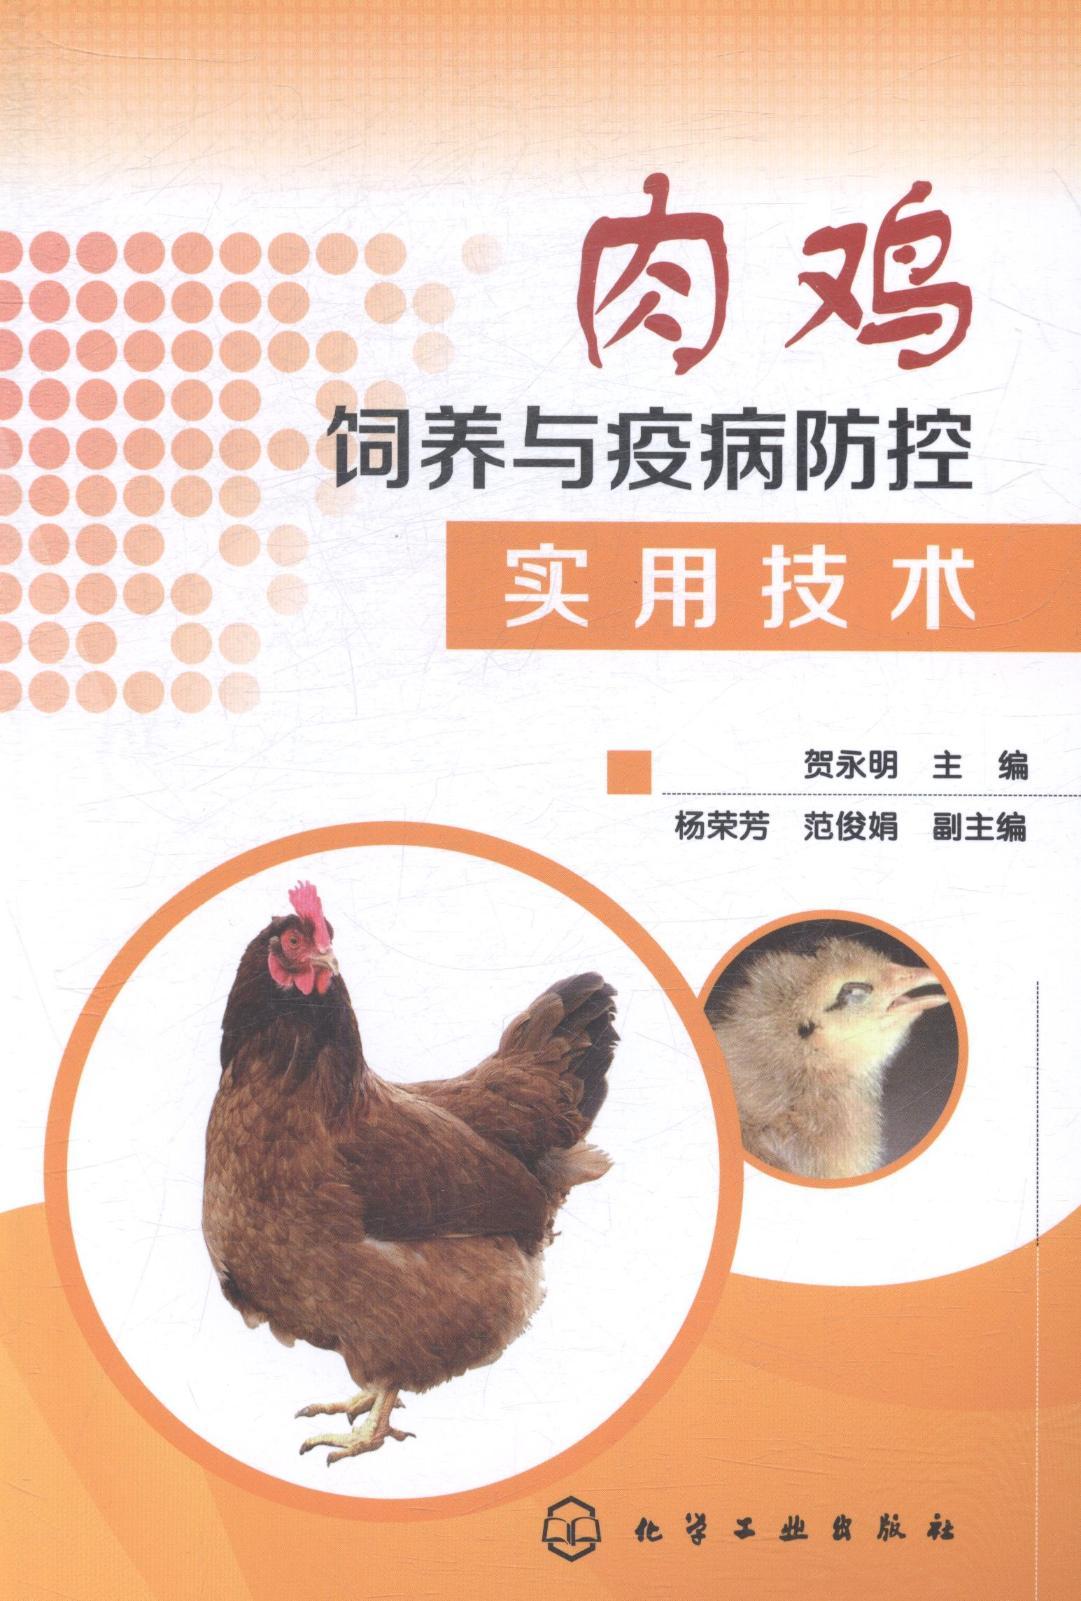 正版包邮 肉鸡饲养与防病防控实用技术 贺永明  化-养殖书籍(江苏人天图书专营店仅售18元)